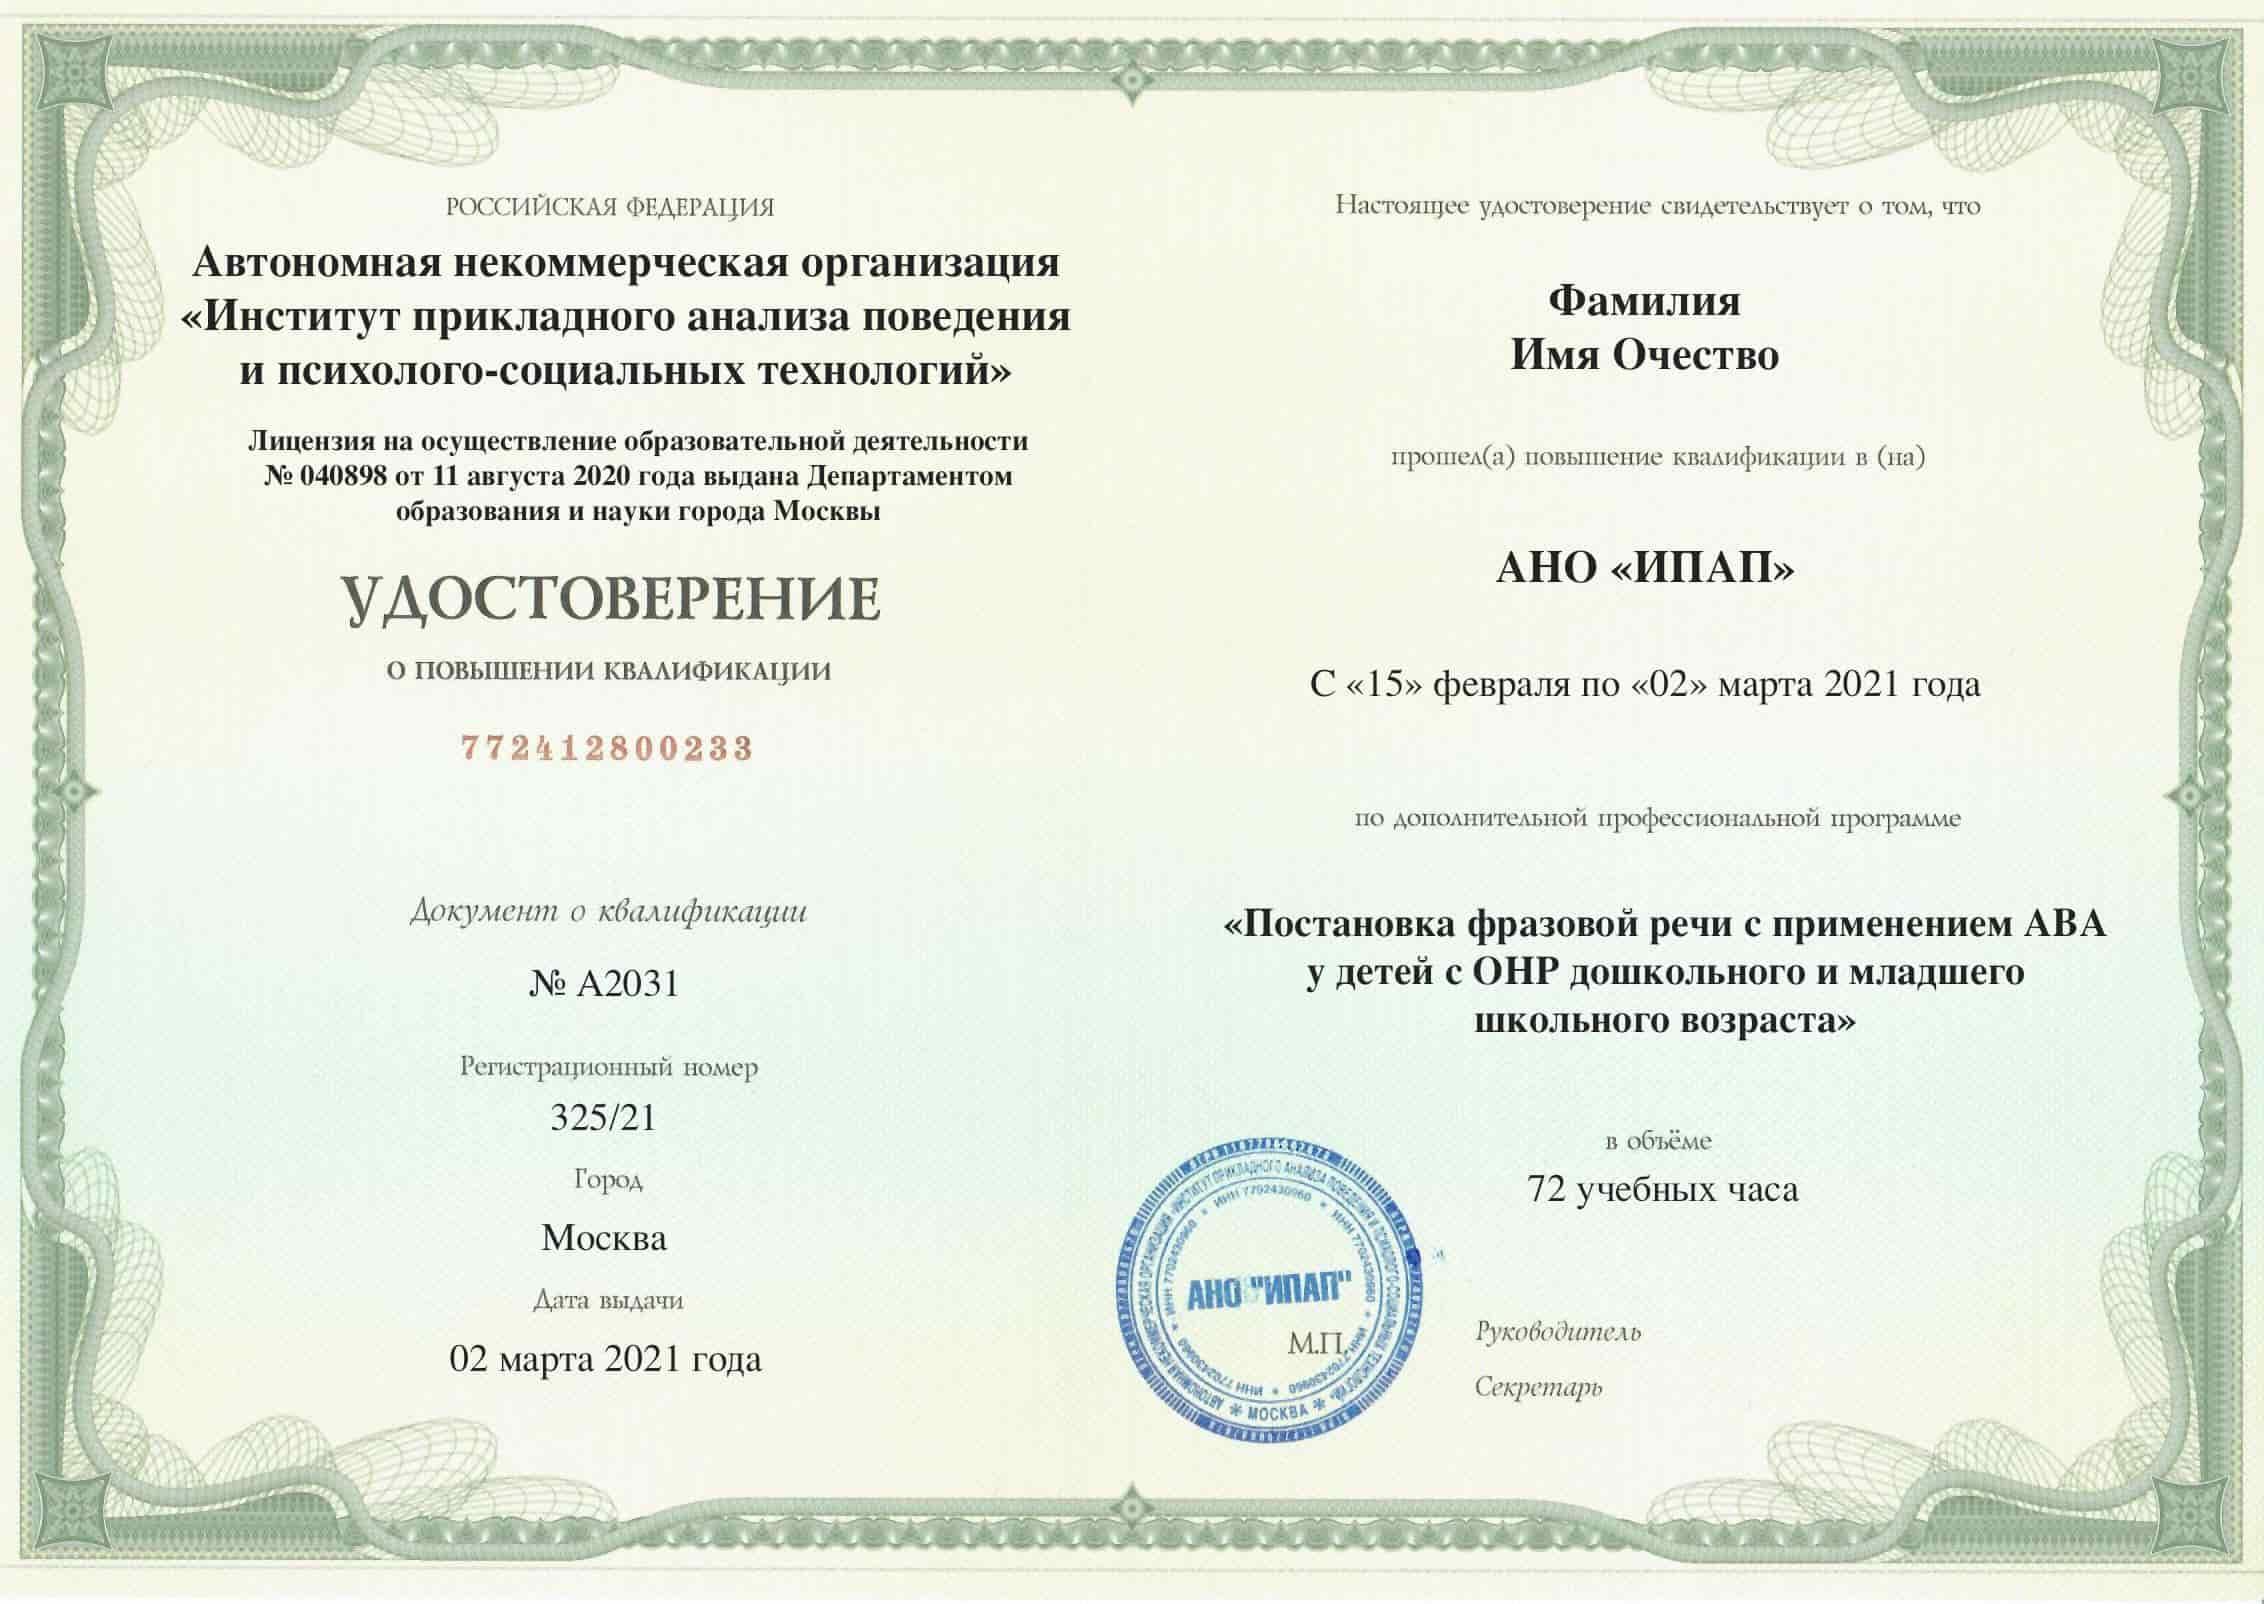 Удостоверение о повышении квалификации государственного образца